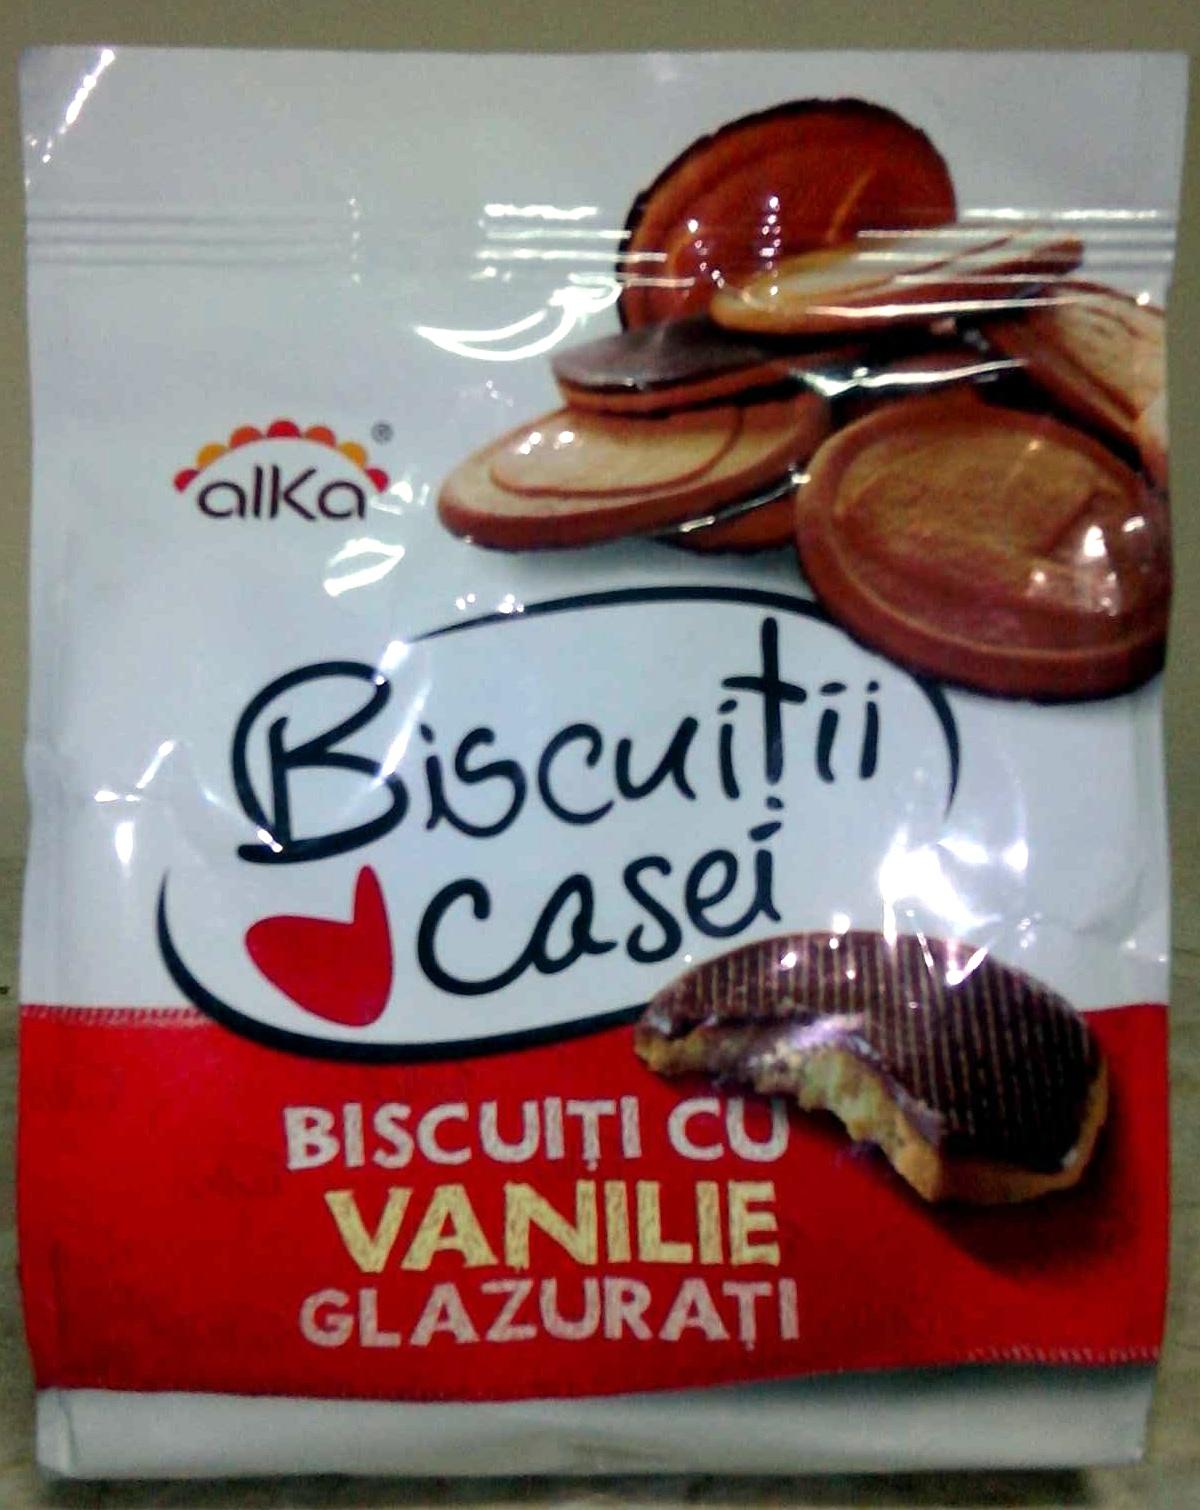 Biscuiții casei - Product